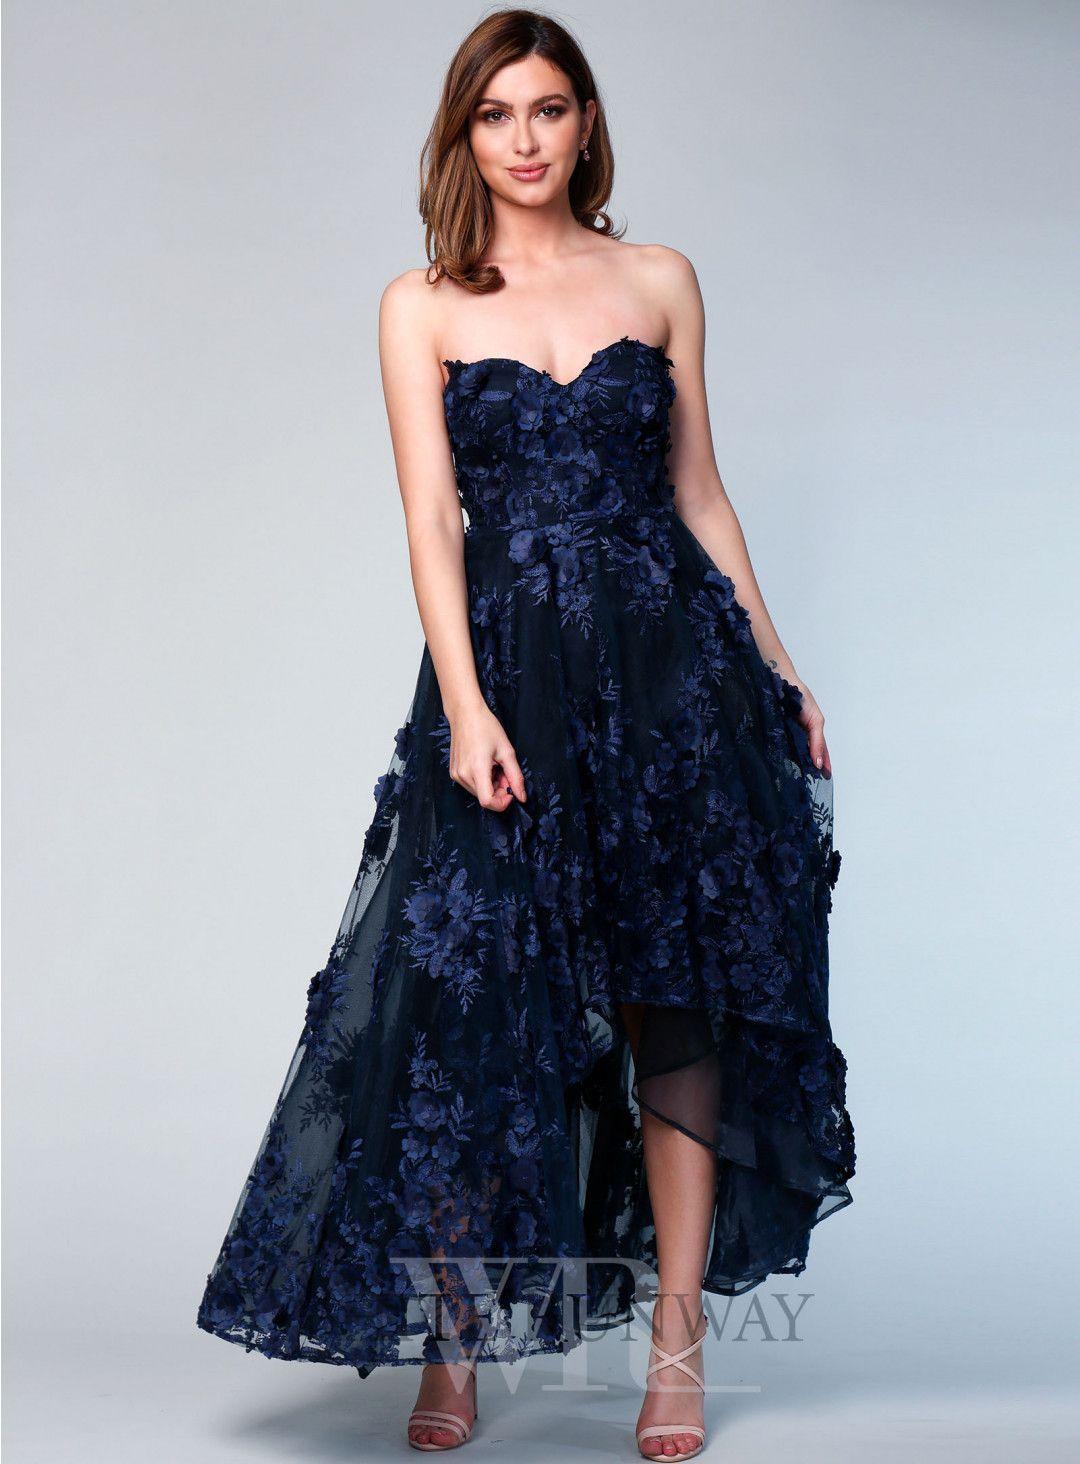 Rosetta Dress